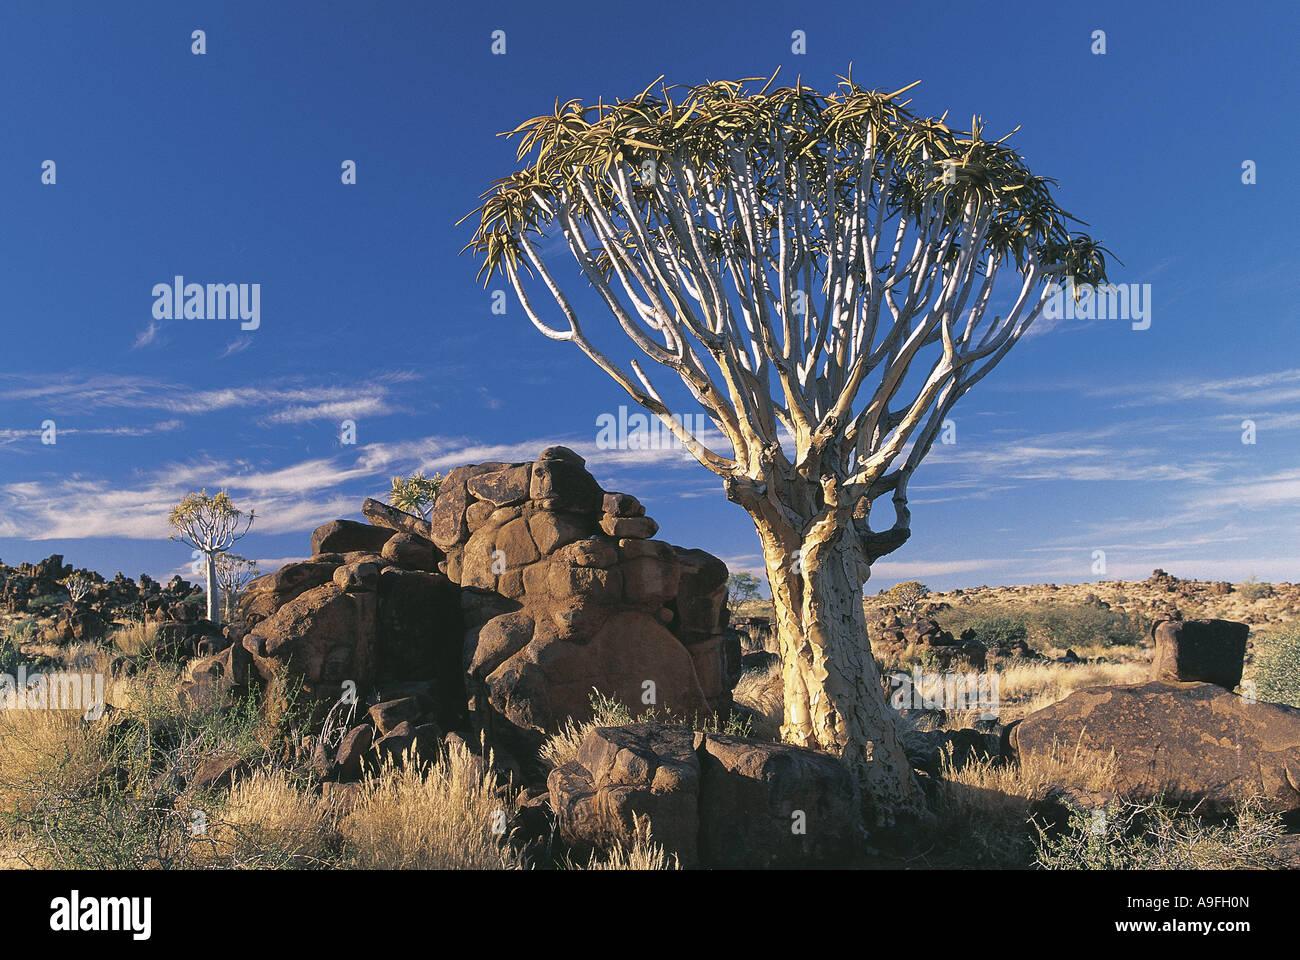 Quiver trees amongst granite boulders in Keetmanskoop Namibia - Stock Image